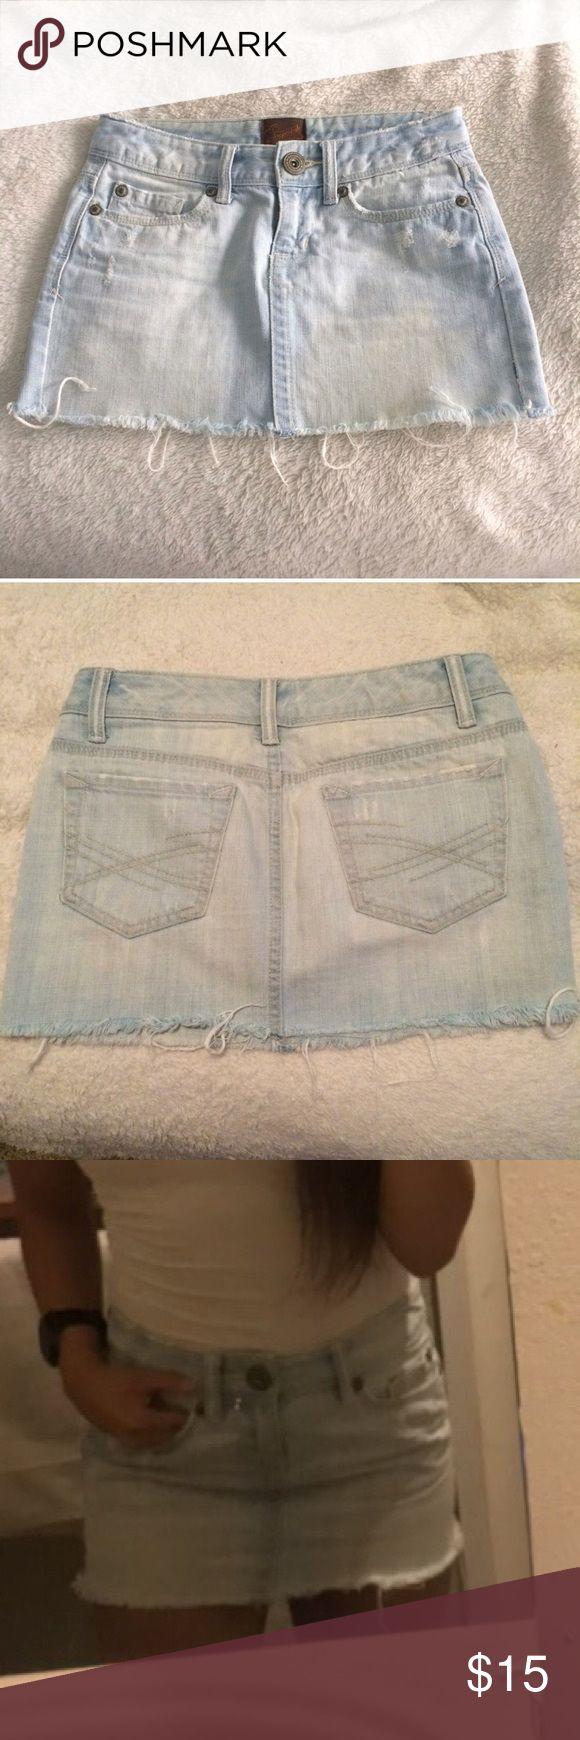 Denim mini skirt Very cute tight denim mini skirt, it is flattering on. Size 0. Aeropostale Skirts Mini